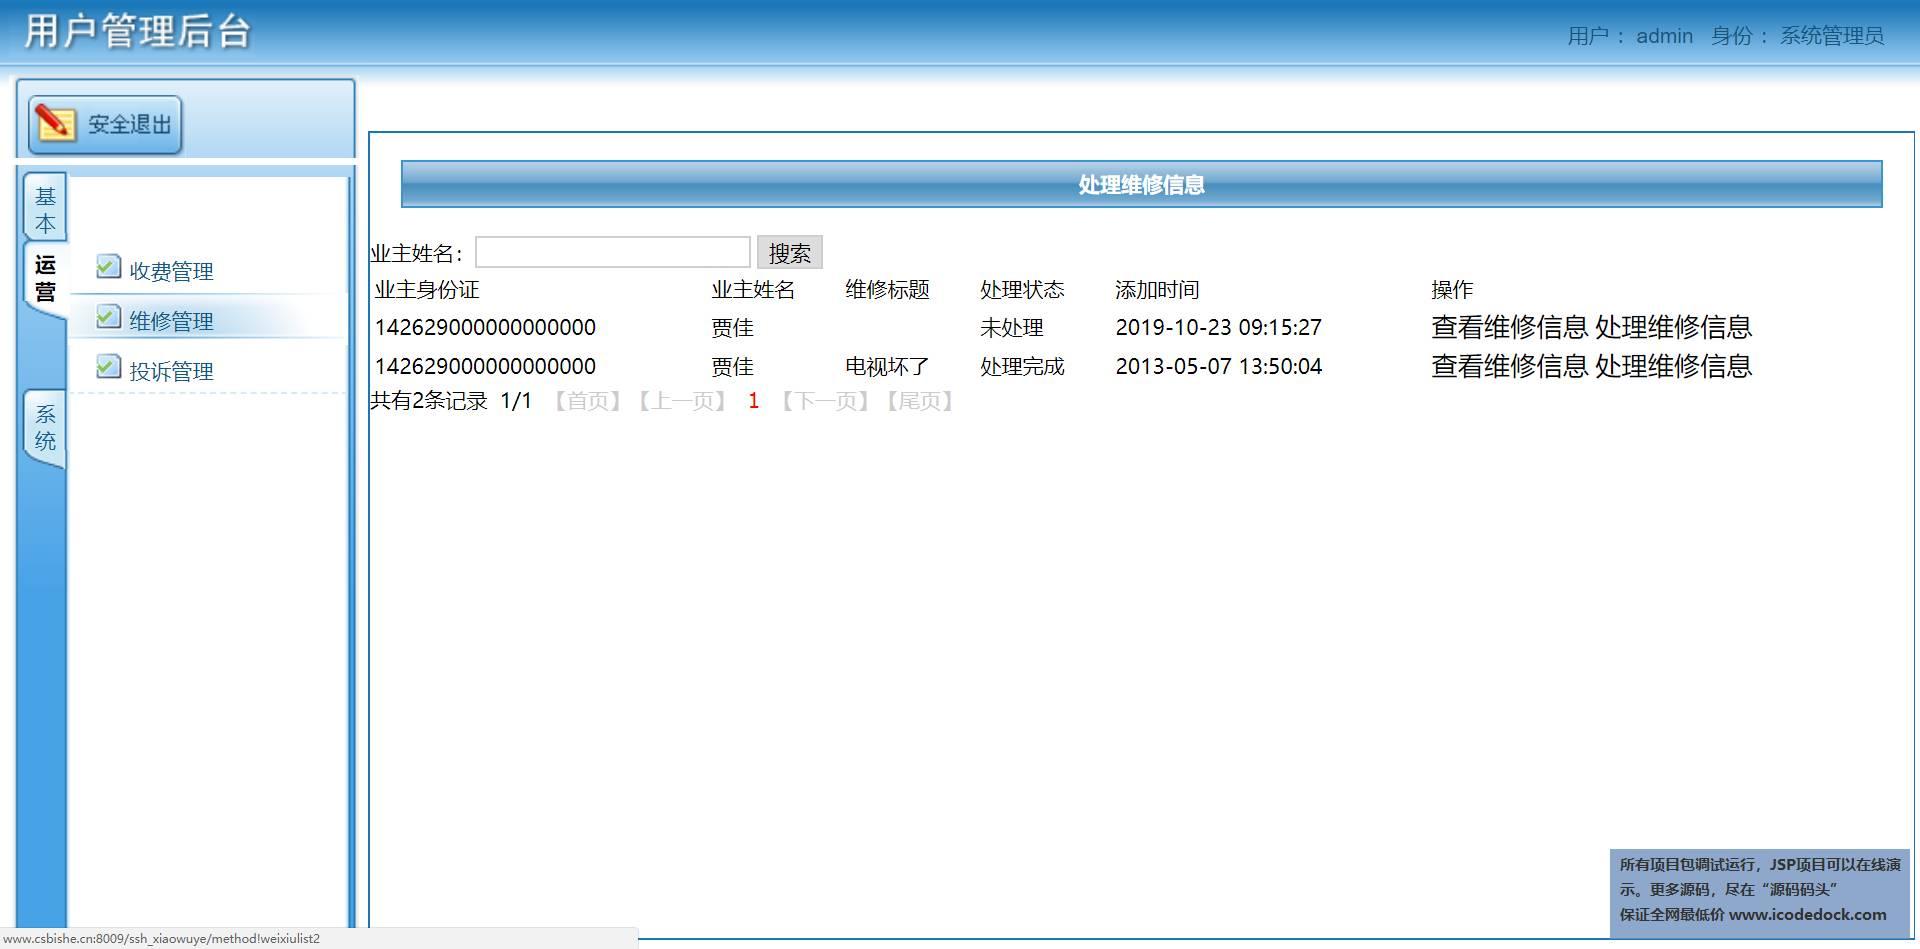 源码码头-SSH物业管理系统-管理员角色-维修管理